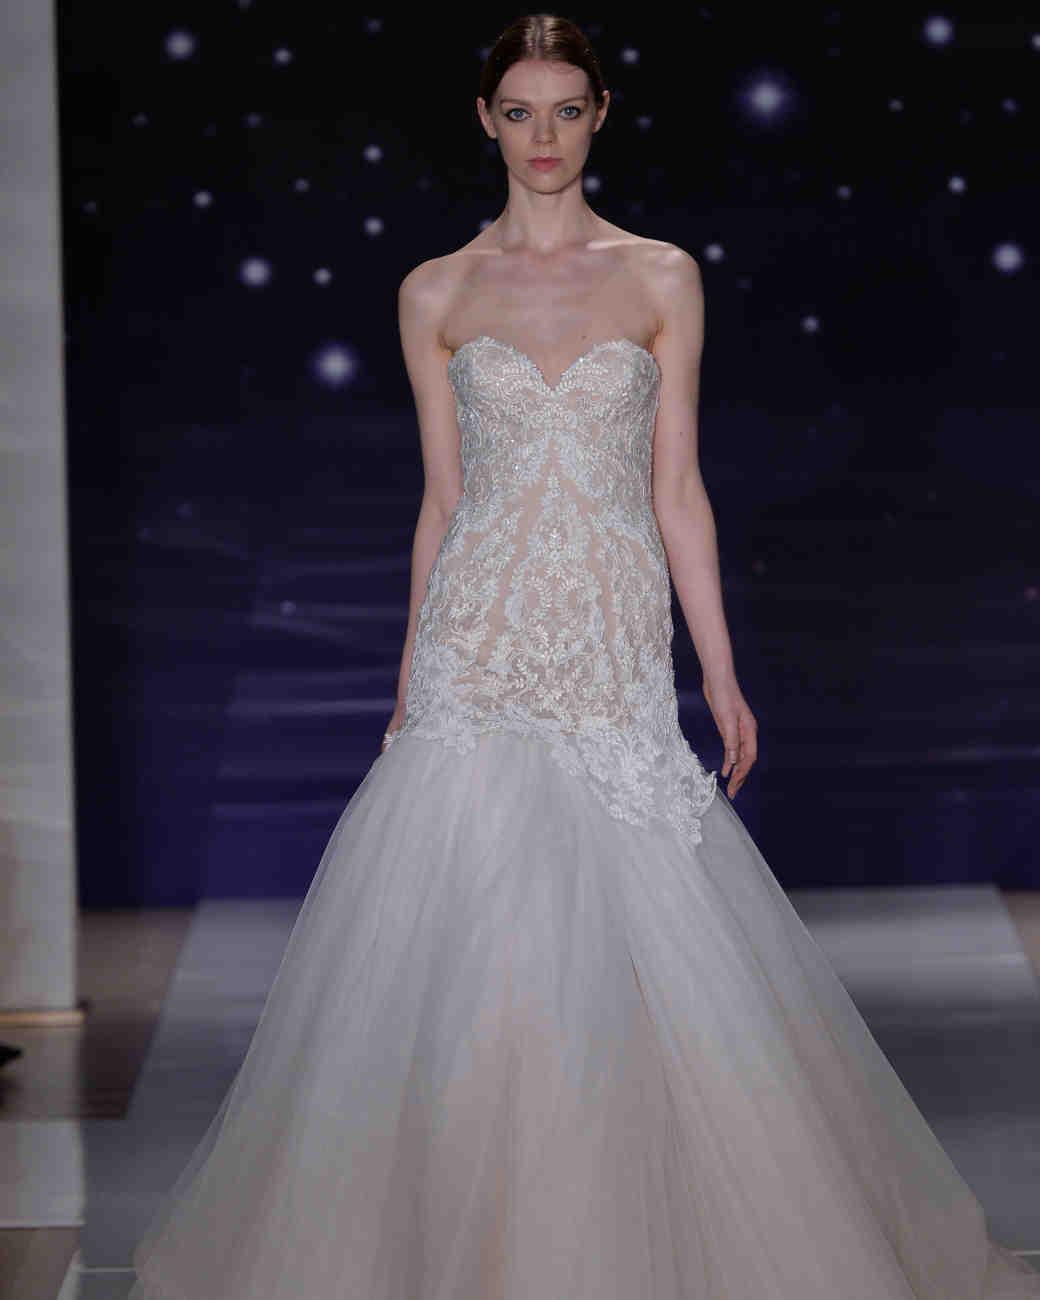 Reem Acra Spring 2016 Bridal Show | Martha Stewart Weddings